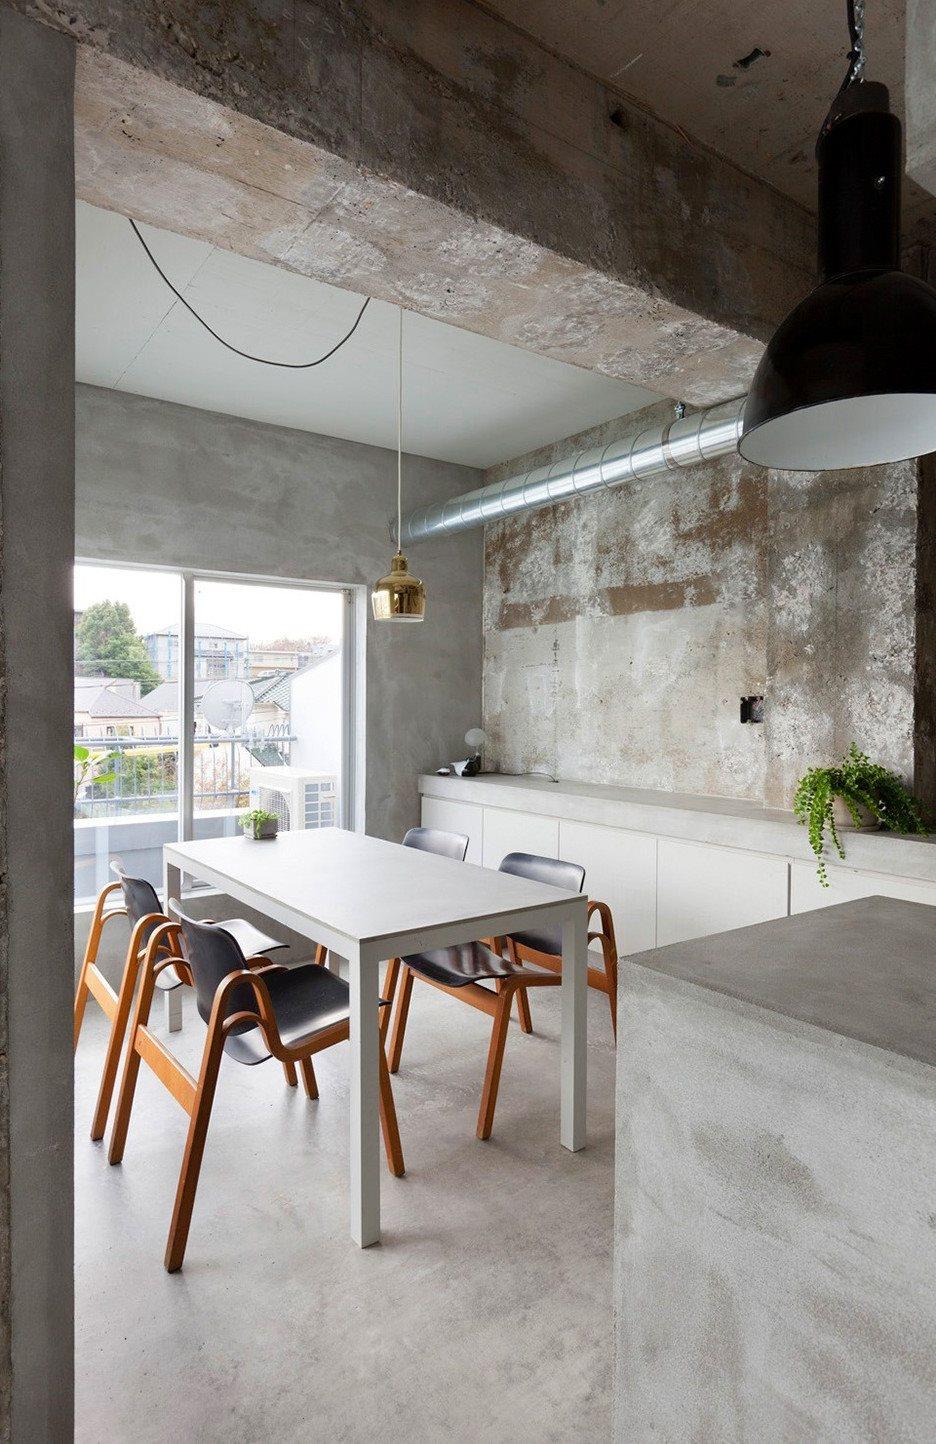 Apartment Interior Design: Interior Design: A Concrete Apartment